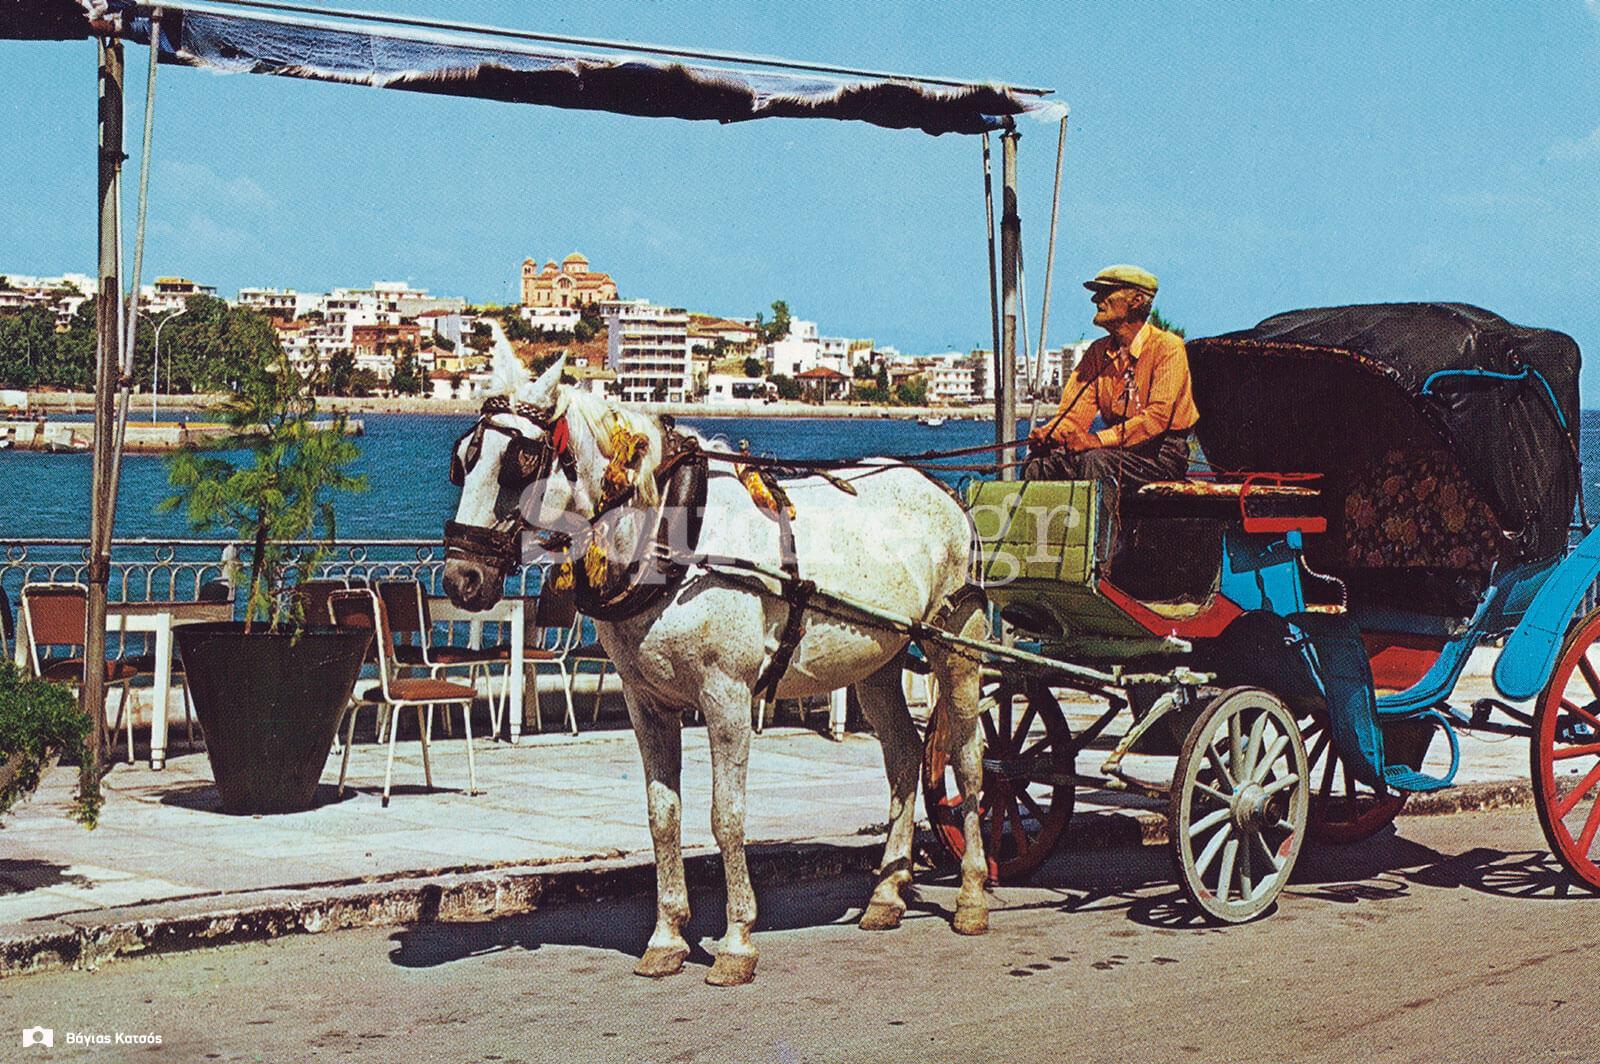 5-Ένας-αμαξάς,-σταματημένος-μπροστά-από-του-Μανώλη-του-«τρελού»,-με-φόντο-τα-τραπεζοκαθίσματα-του-καφενείου